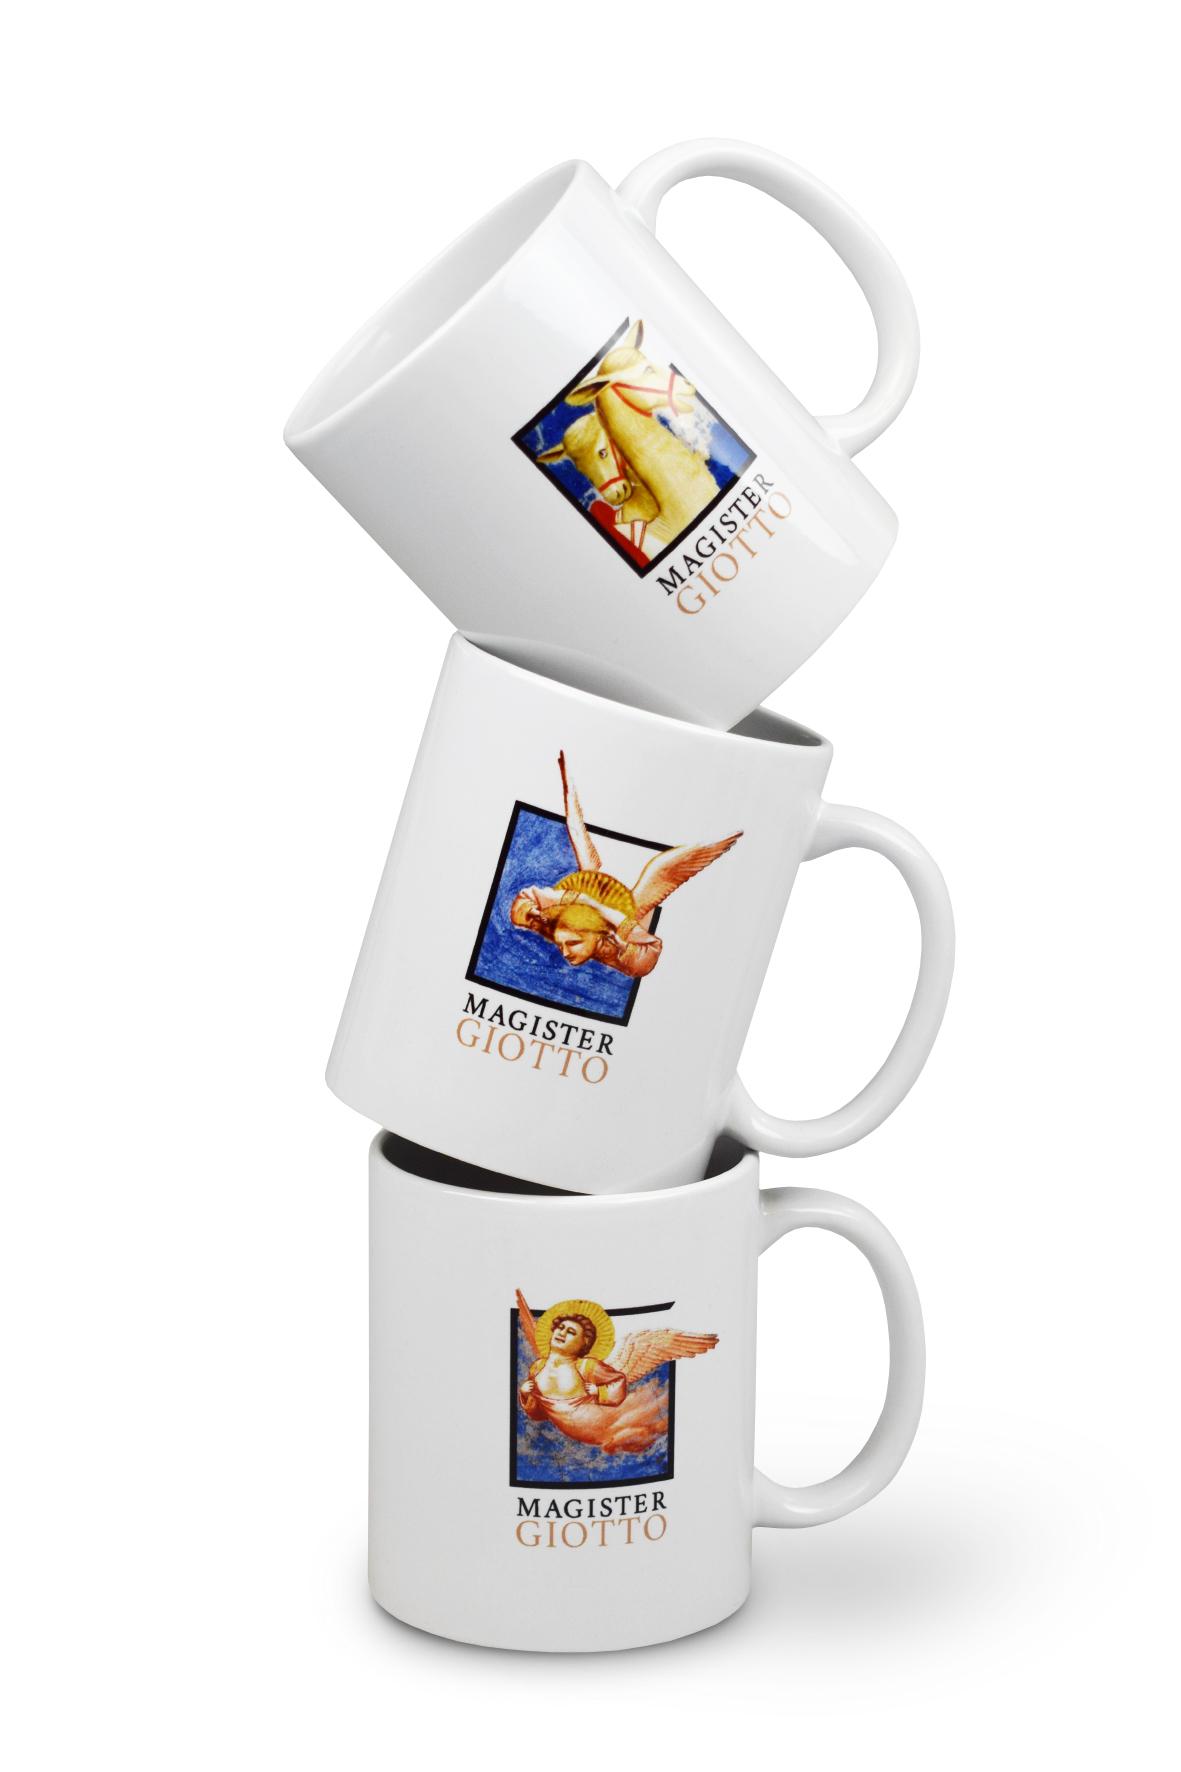 Tazza personalizzata Magister Giotto